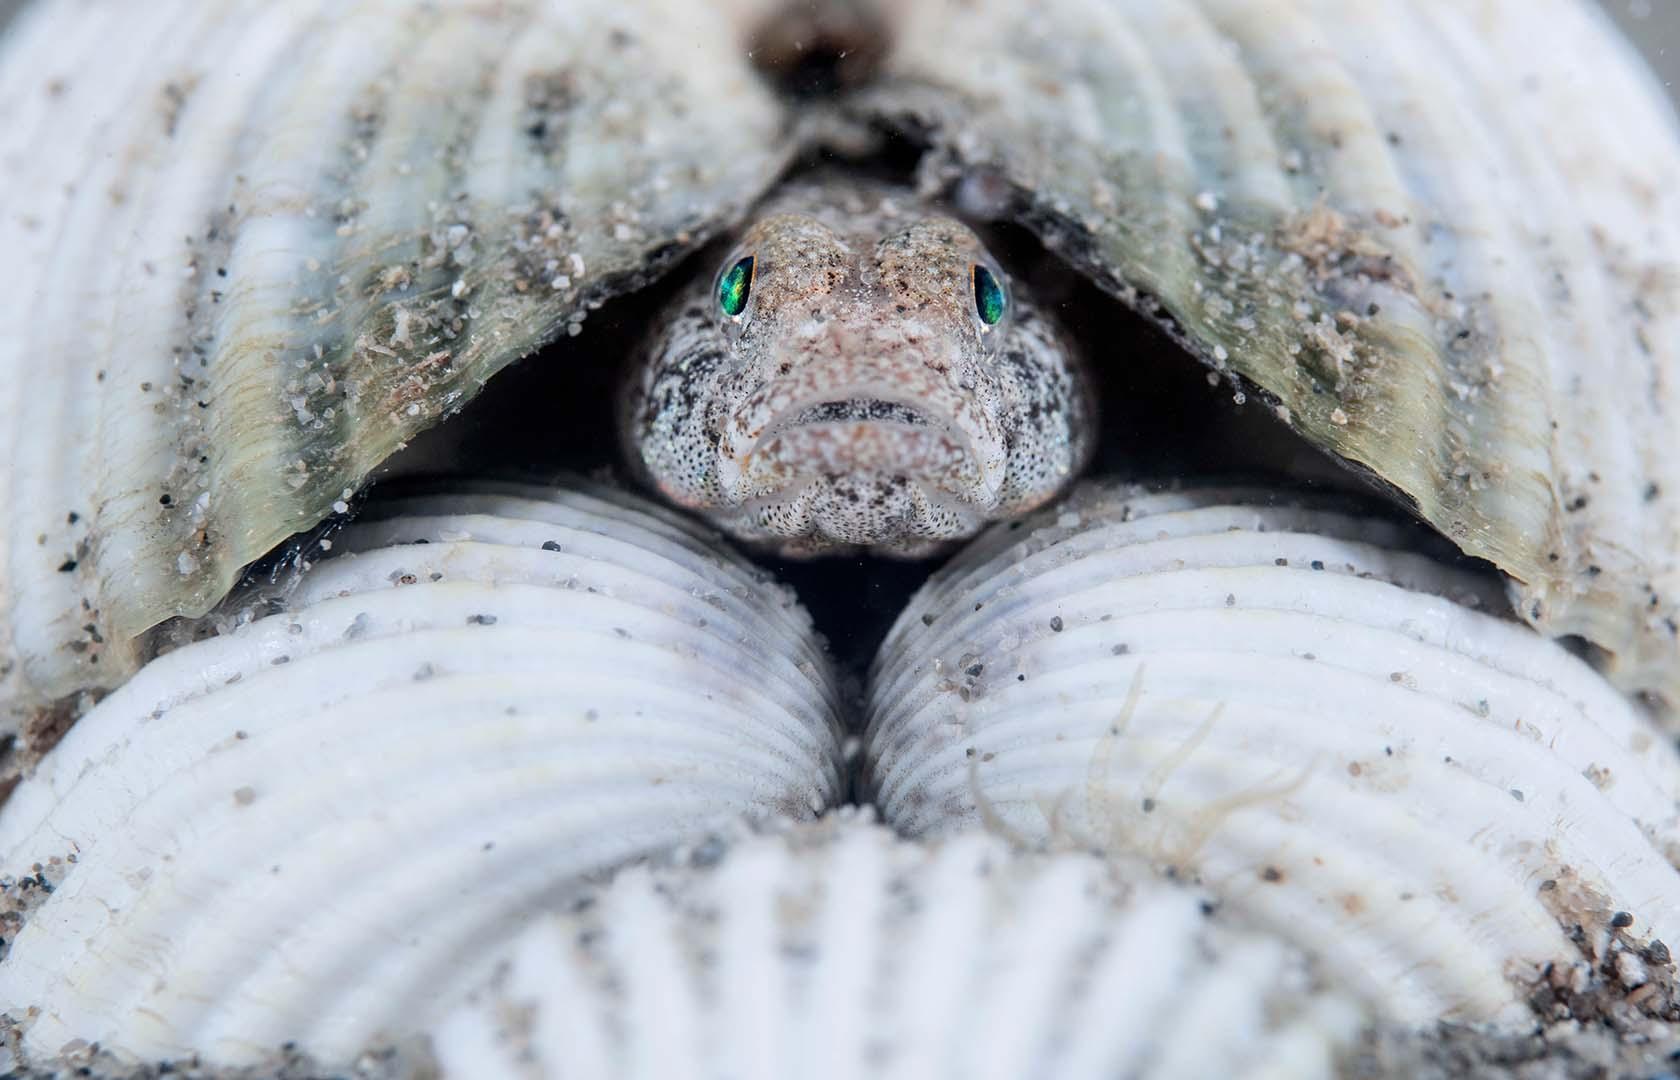 Macho adulto custodiando la puesta depositada bajo la concha de un berberecho.